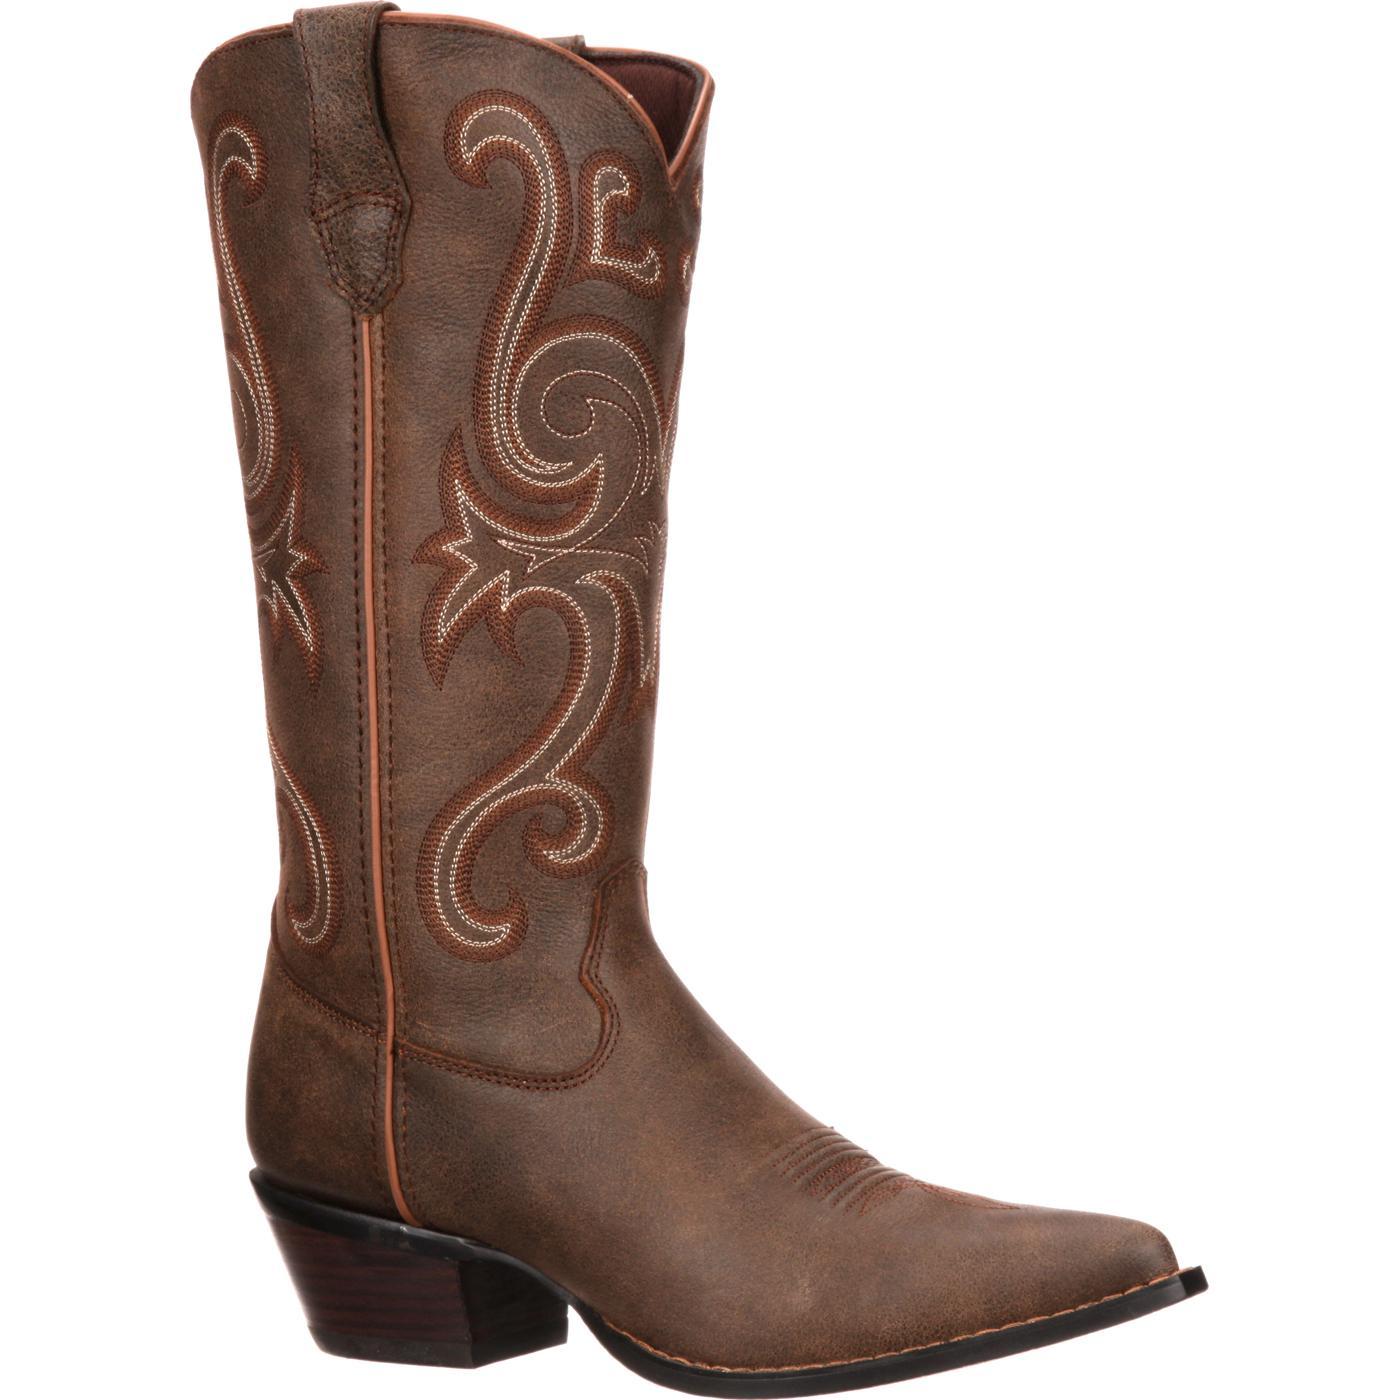 Modelo Jealousy de botas vaqueras de color marrón Crush by Durango para  damas ( RD3593) Modelo Jealousy de botas vaqueras de color marrón Crush by  Durango ... 7defb7a9ef5